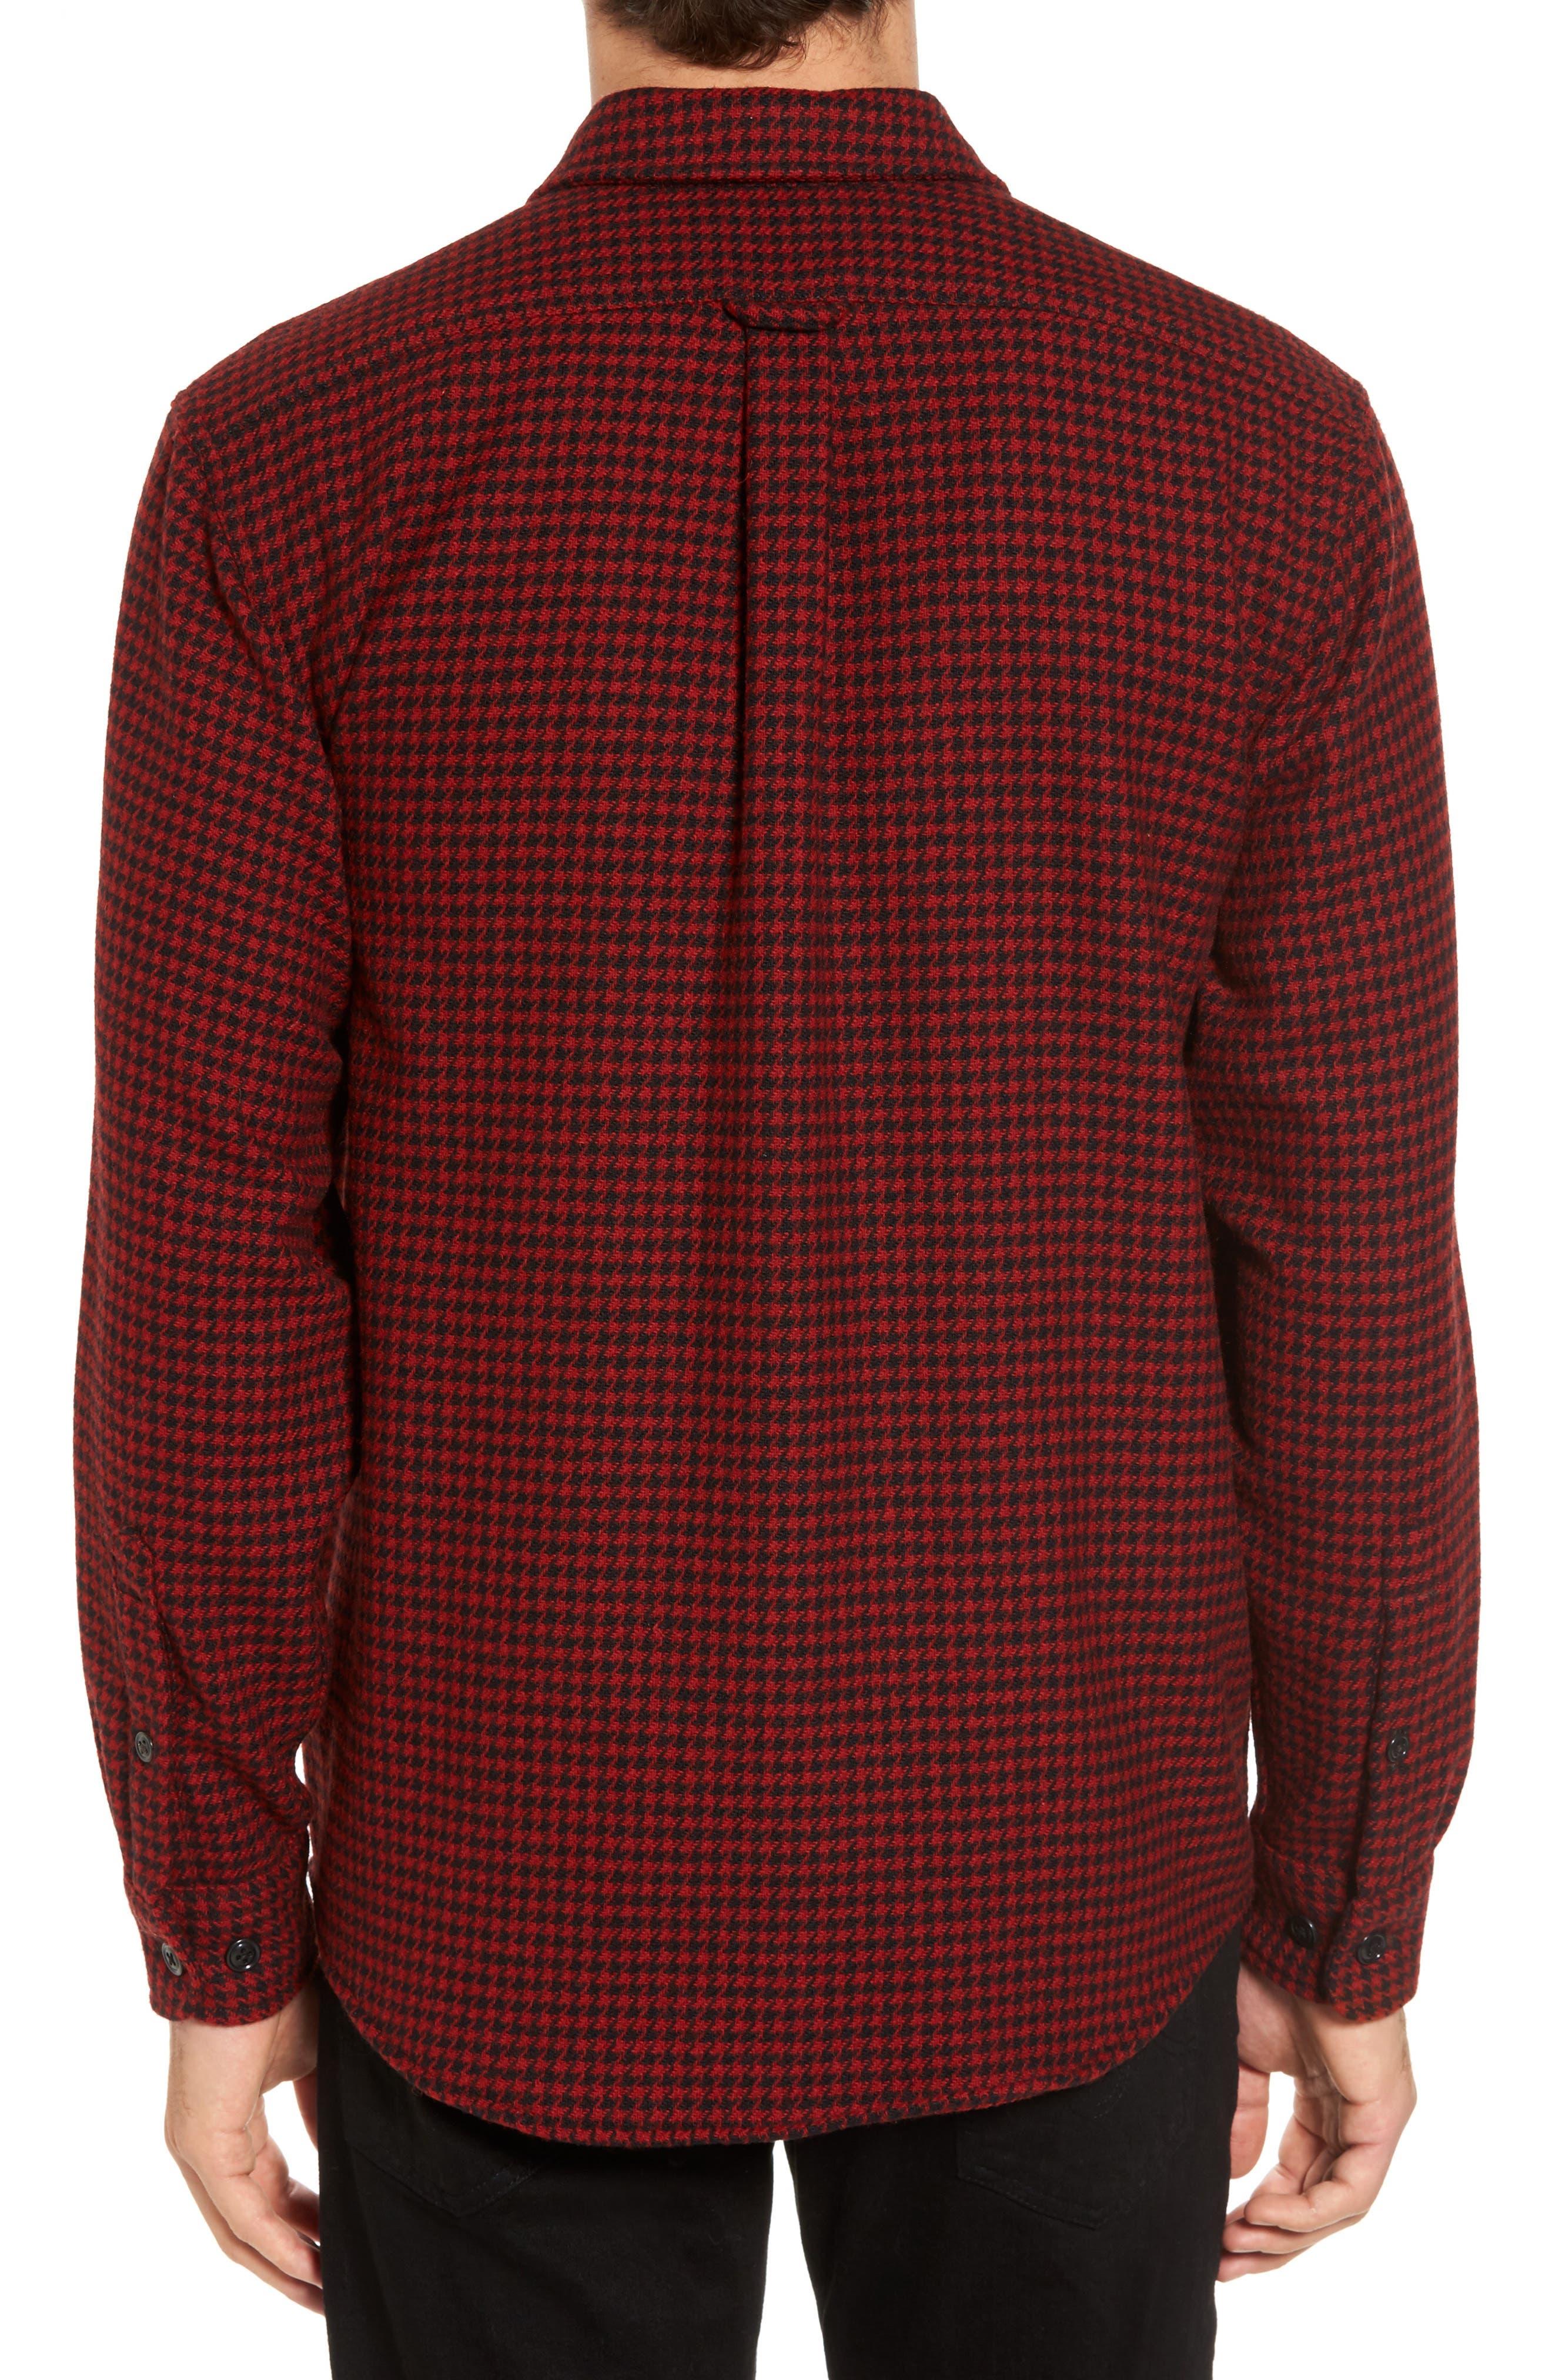 Alternate Image 2  - Filson Northwest Houndstooth Shirt Jacket